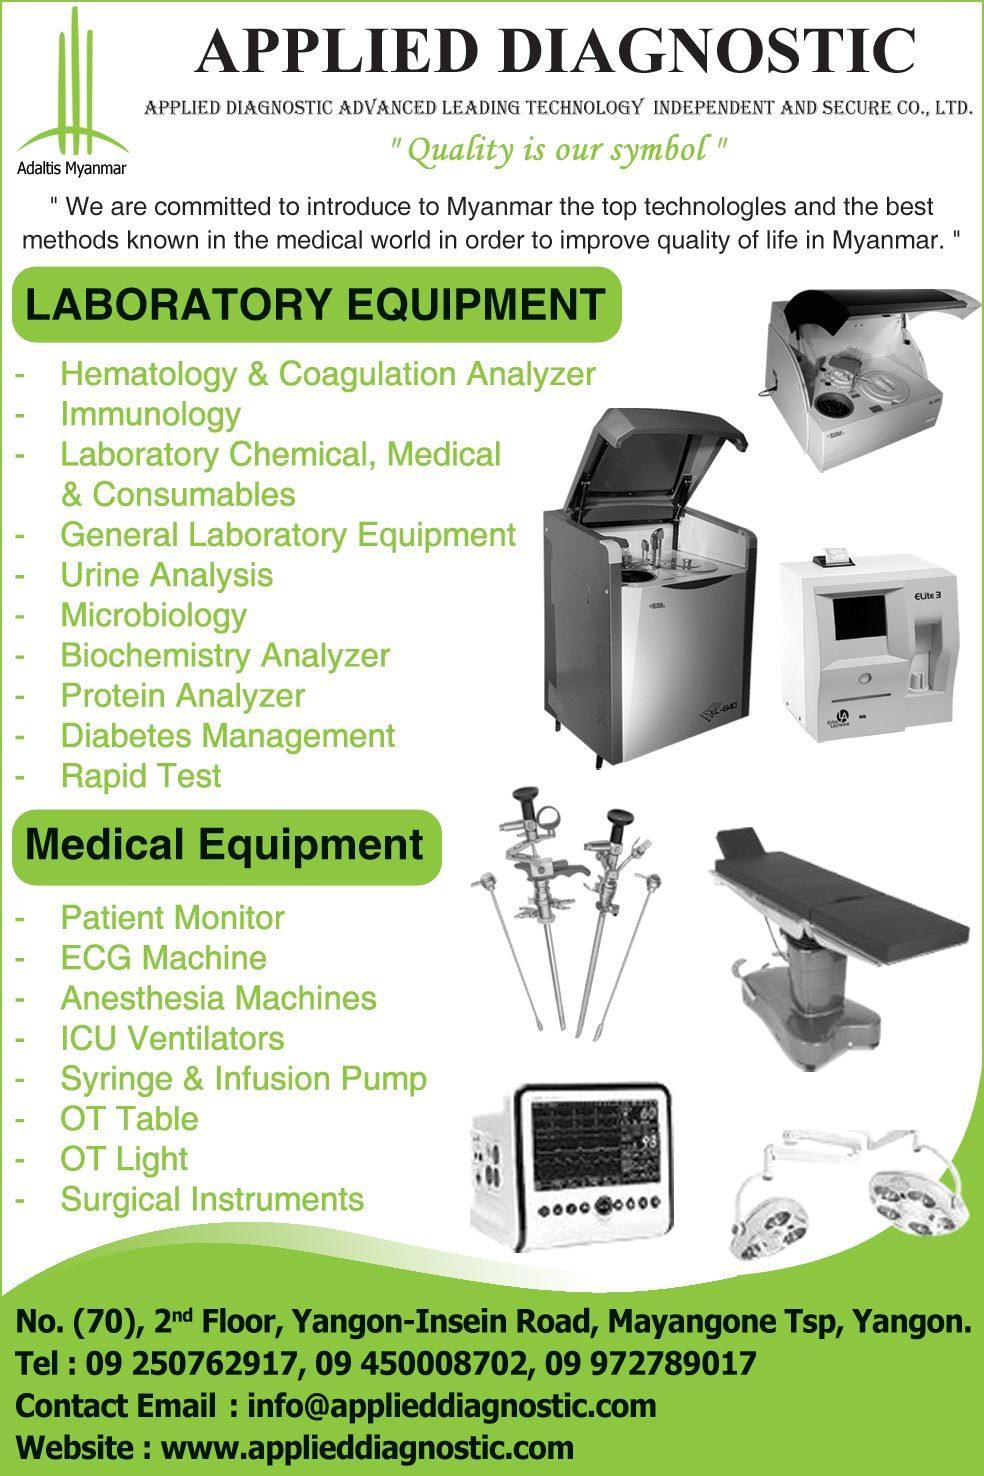 Adaltis-Myanmar_Medical-Equipment_(B)_2957.jpg